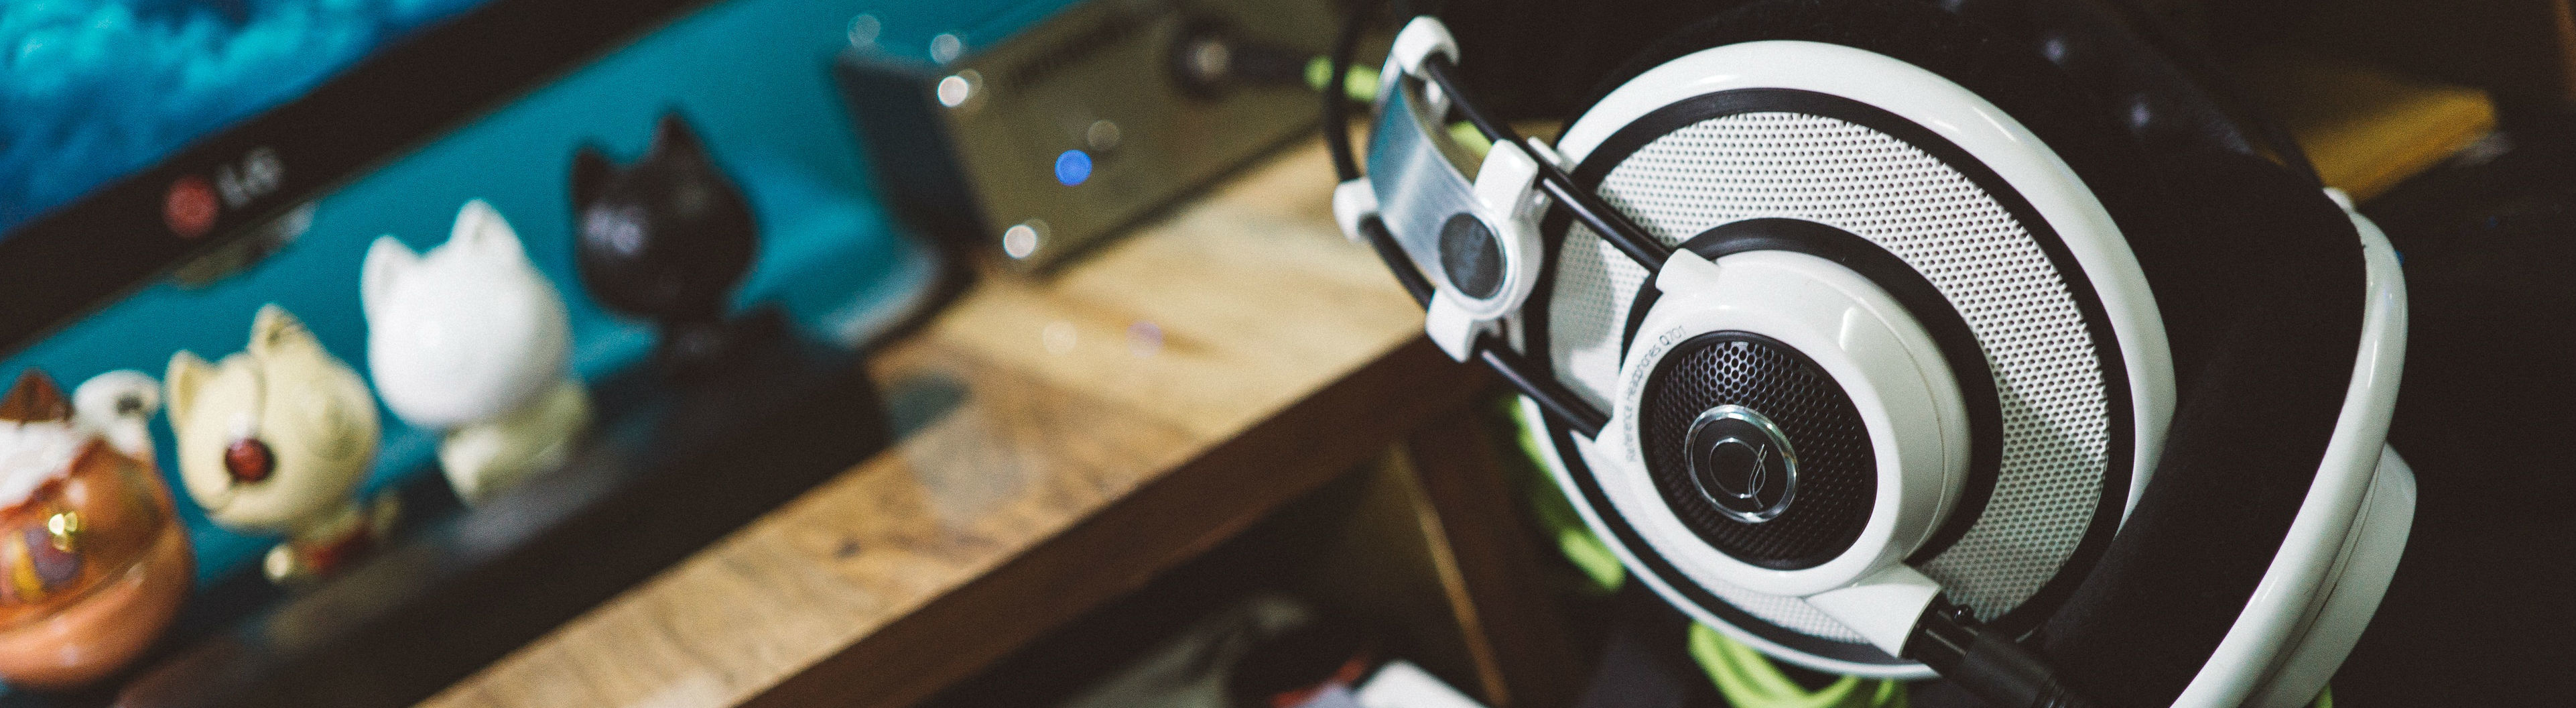 Kopfhörer neben einer Tastatur und einem Bildschirm.